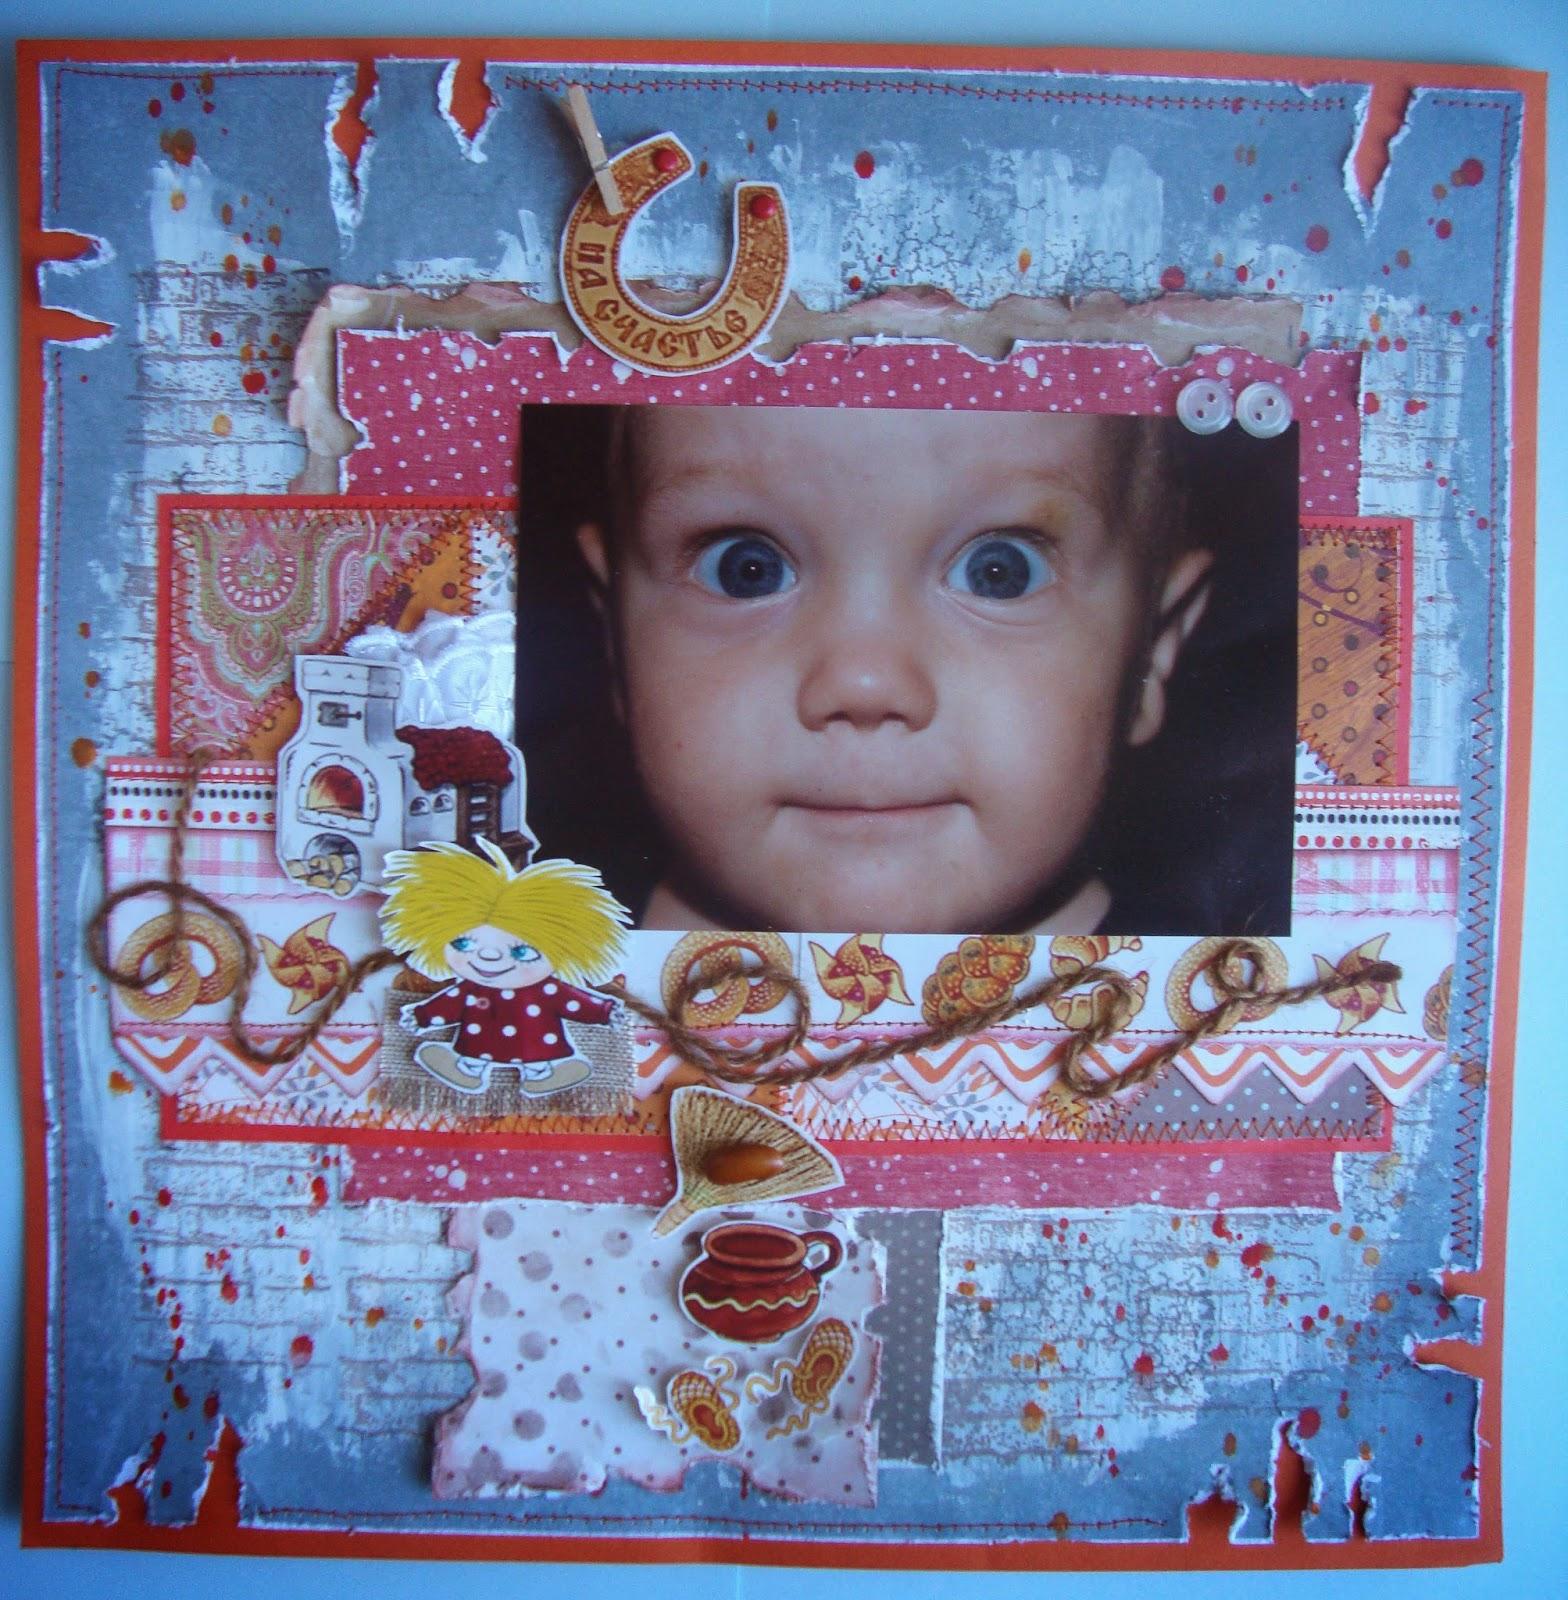 сюжетное оформление фото ребенка с героем мульфильма